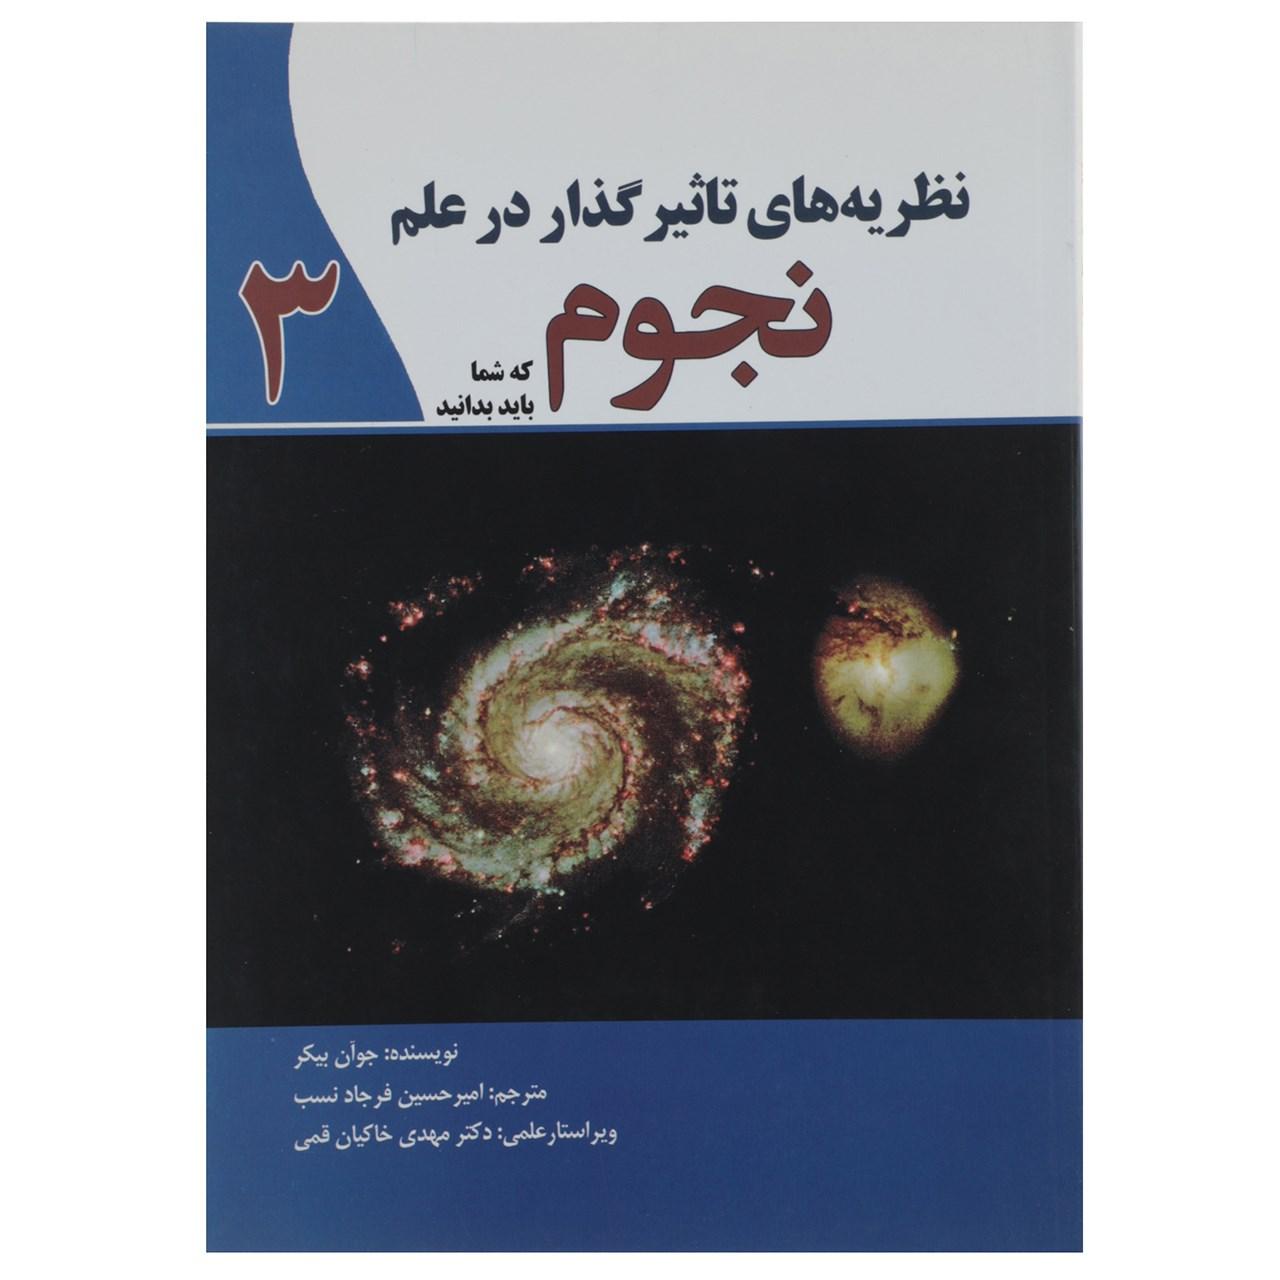 خرید                      کتاب نظریه های تاثیرگذار در علم نجوم 3 اثر جوان بیکر